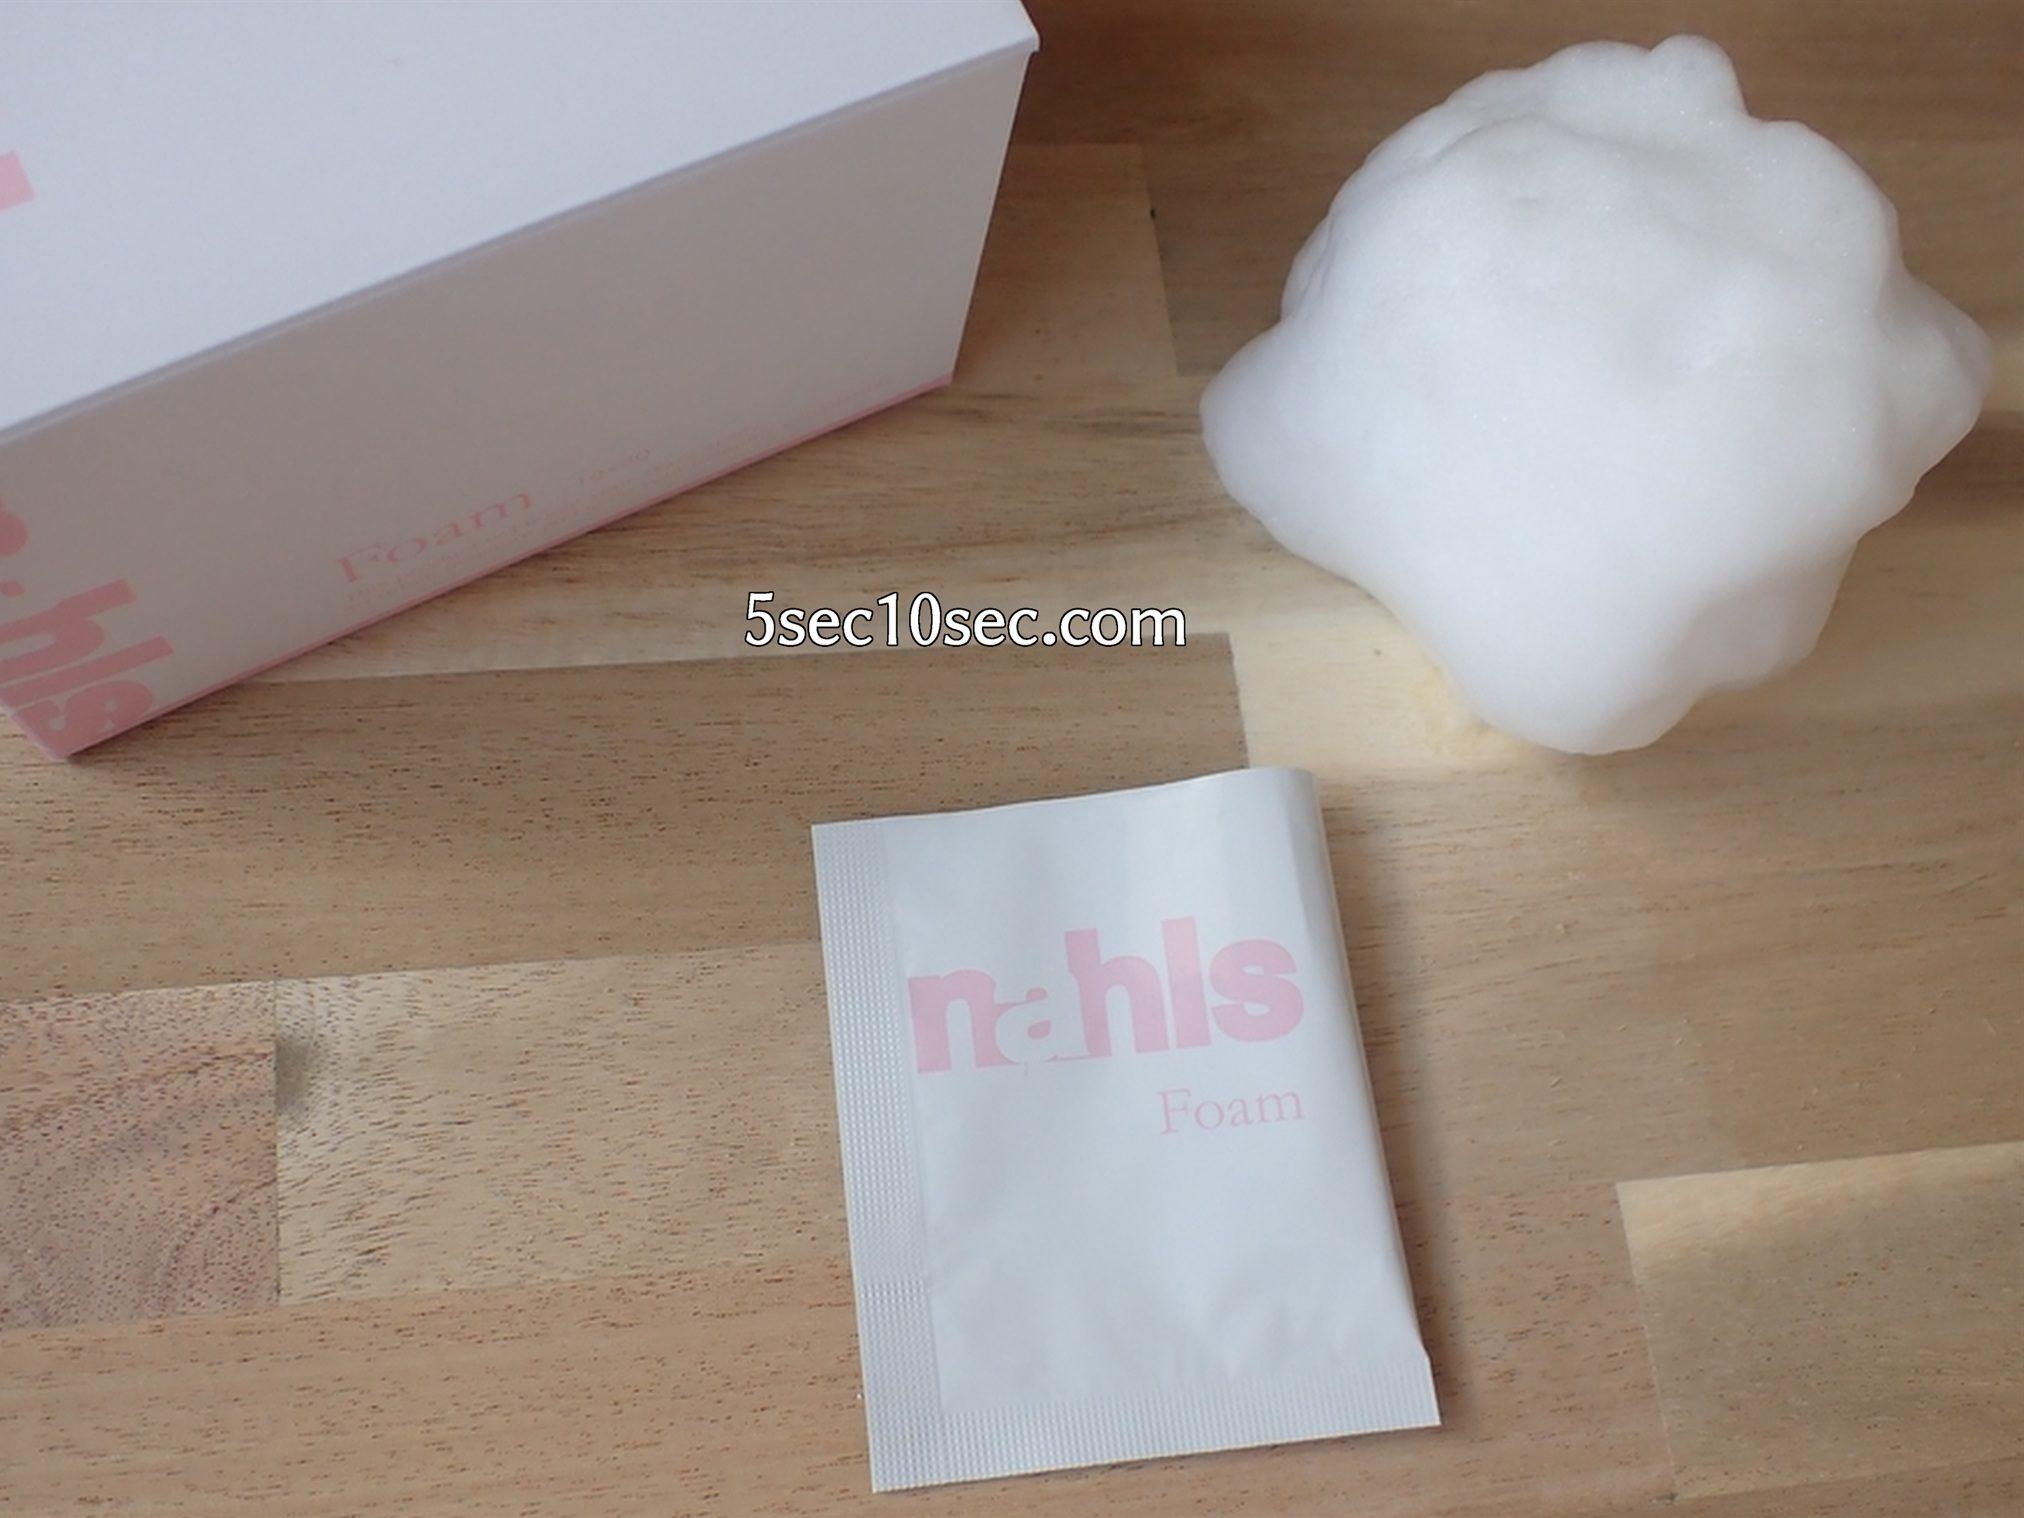 ナールス フォーム 洗顔ネットを使用すると1包の半量くらいが適量だと思いました